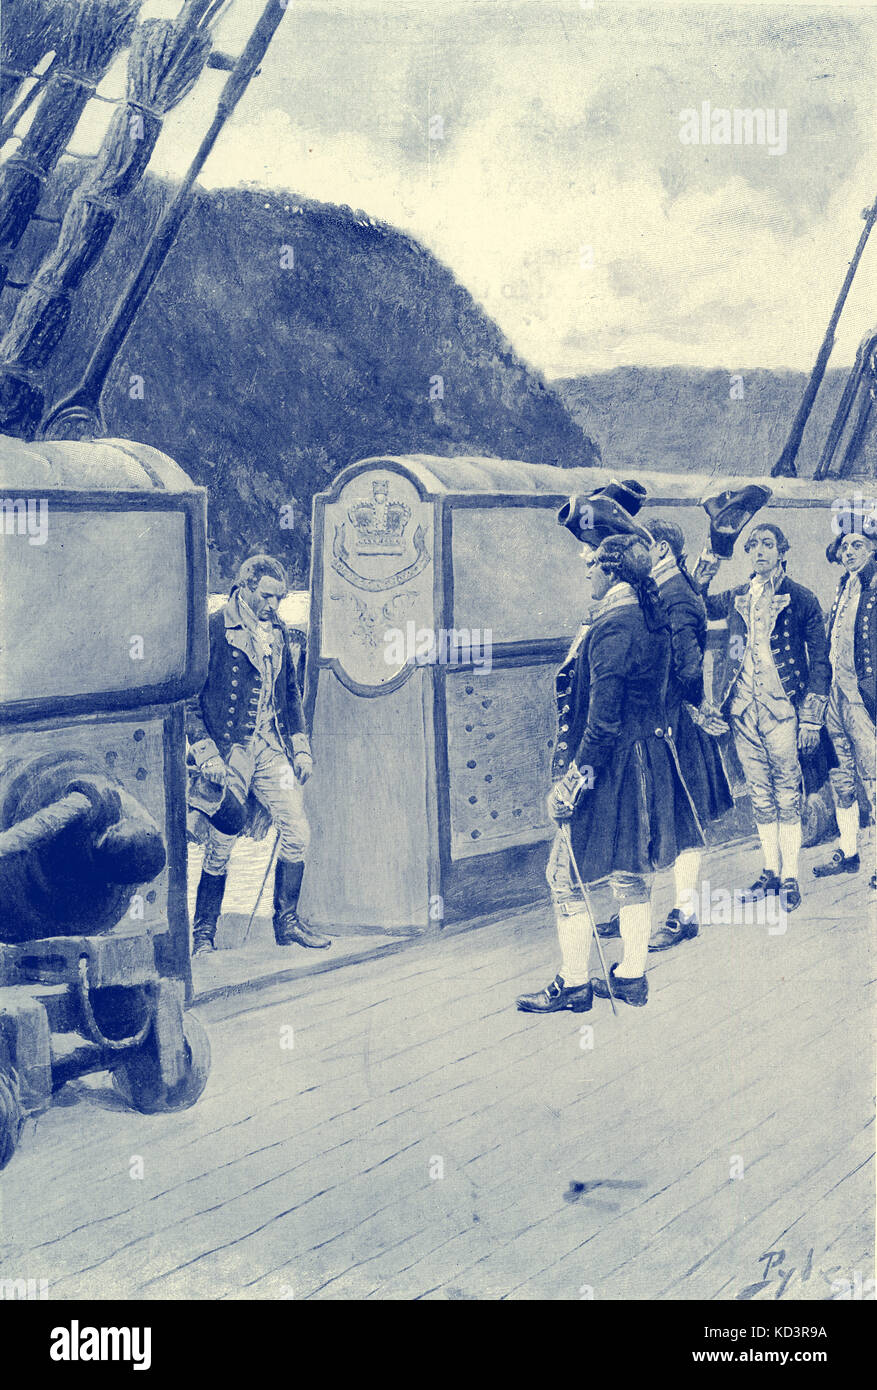 Die Flucht des amerikanischen Revolutionären General Benedict Arnold (1741 - 1801) auf das britische Schiff Vulture, um das Jahr 1780, nachdem er sich den Briten gegenüber entsetzt hatte. Amerikanische Revolution. Illustration von Howard Pyle, 1896 Stockfoto